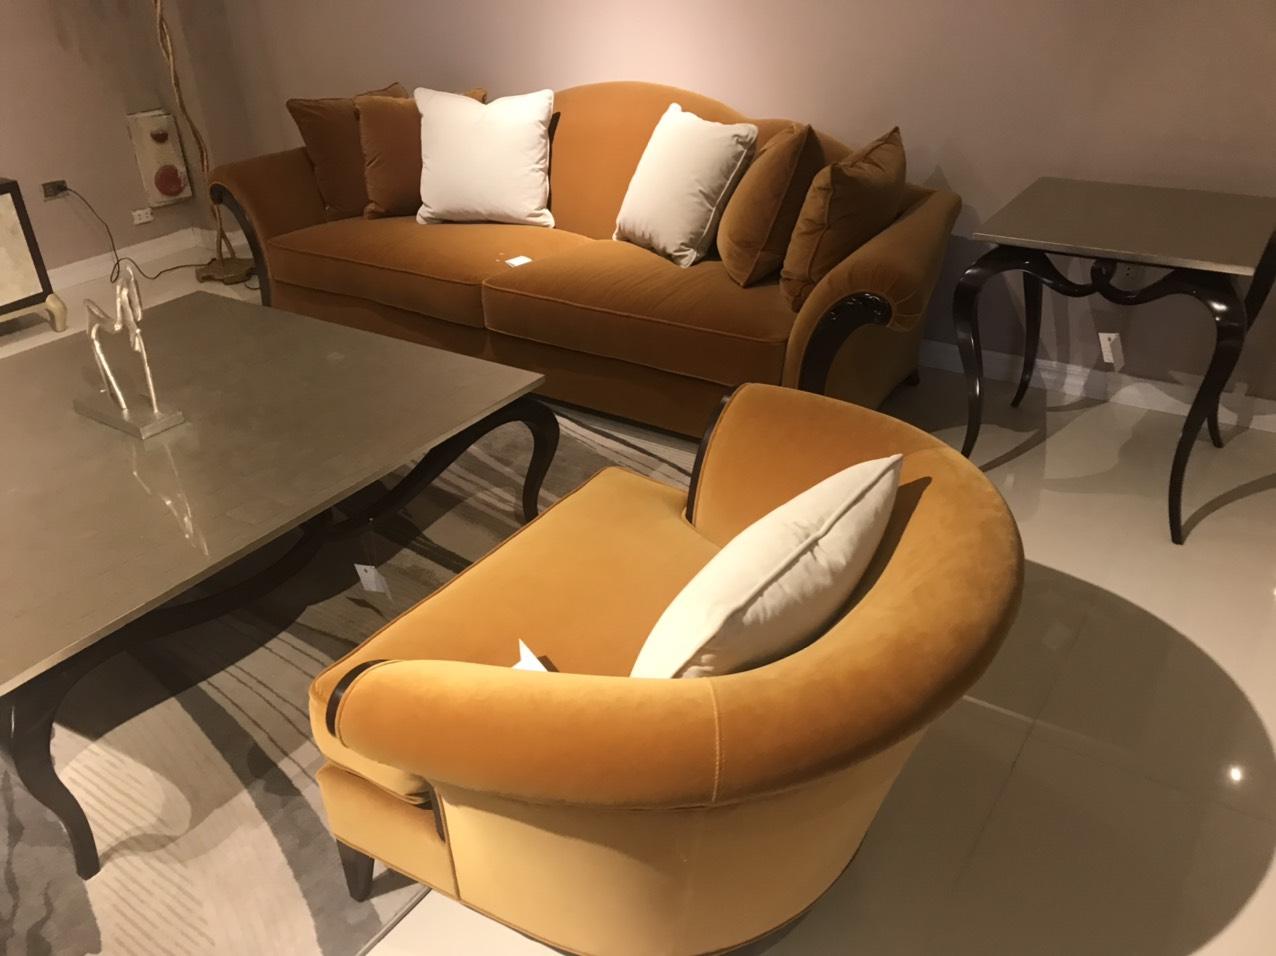 Sofa phòng khách tân cổ điển nhẹ nhàng, sang trọng như một quý cô đẳng cấp